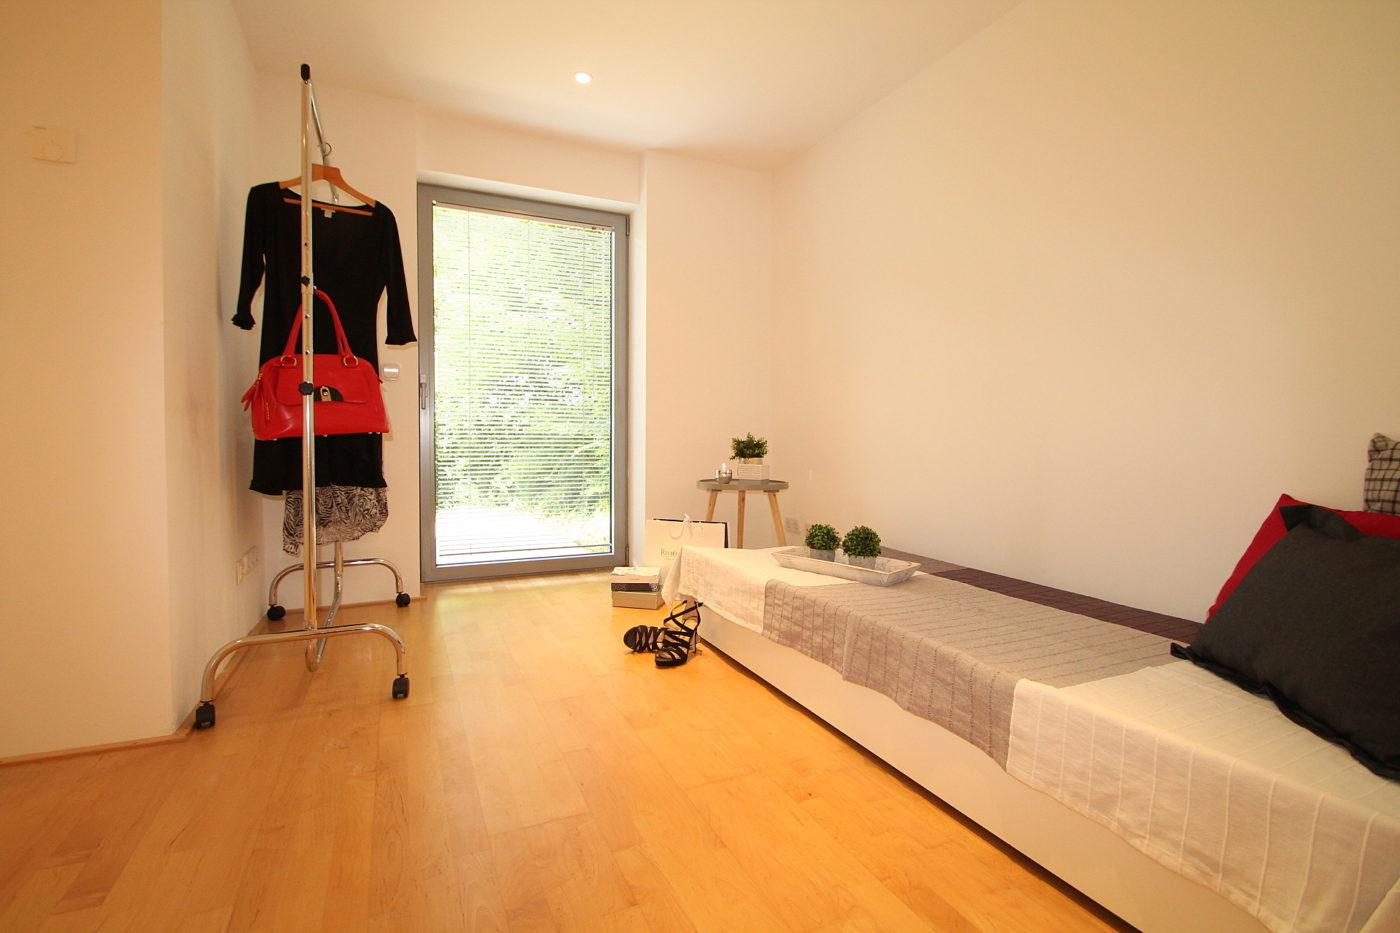 Momente des Glücks - Kaufatmosphäre schaffen - Blickfang Homestaging steht für eine ansprechende Immobilienpräsentation und optimale Verkaufserfolge